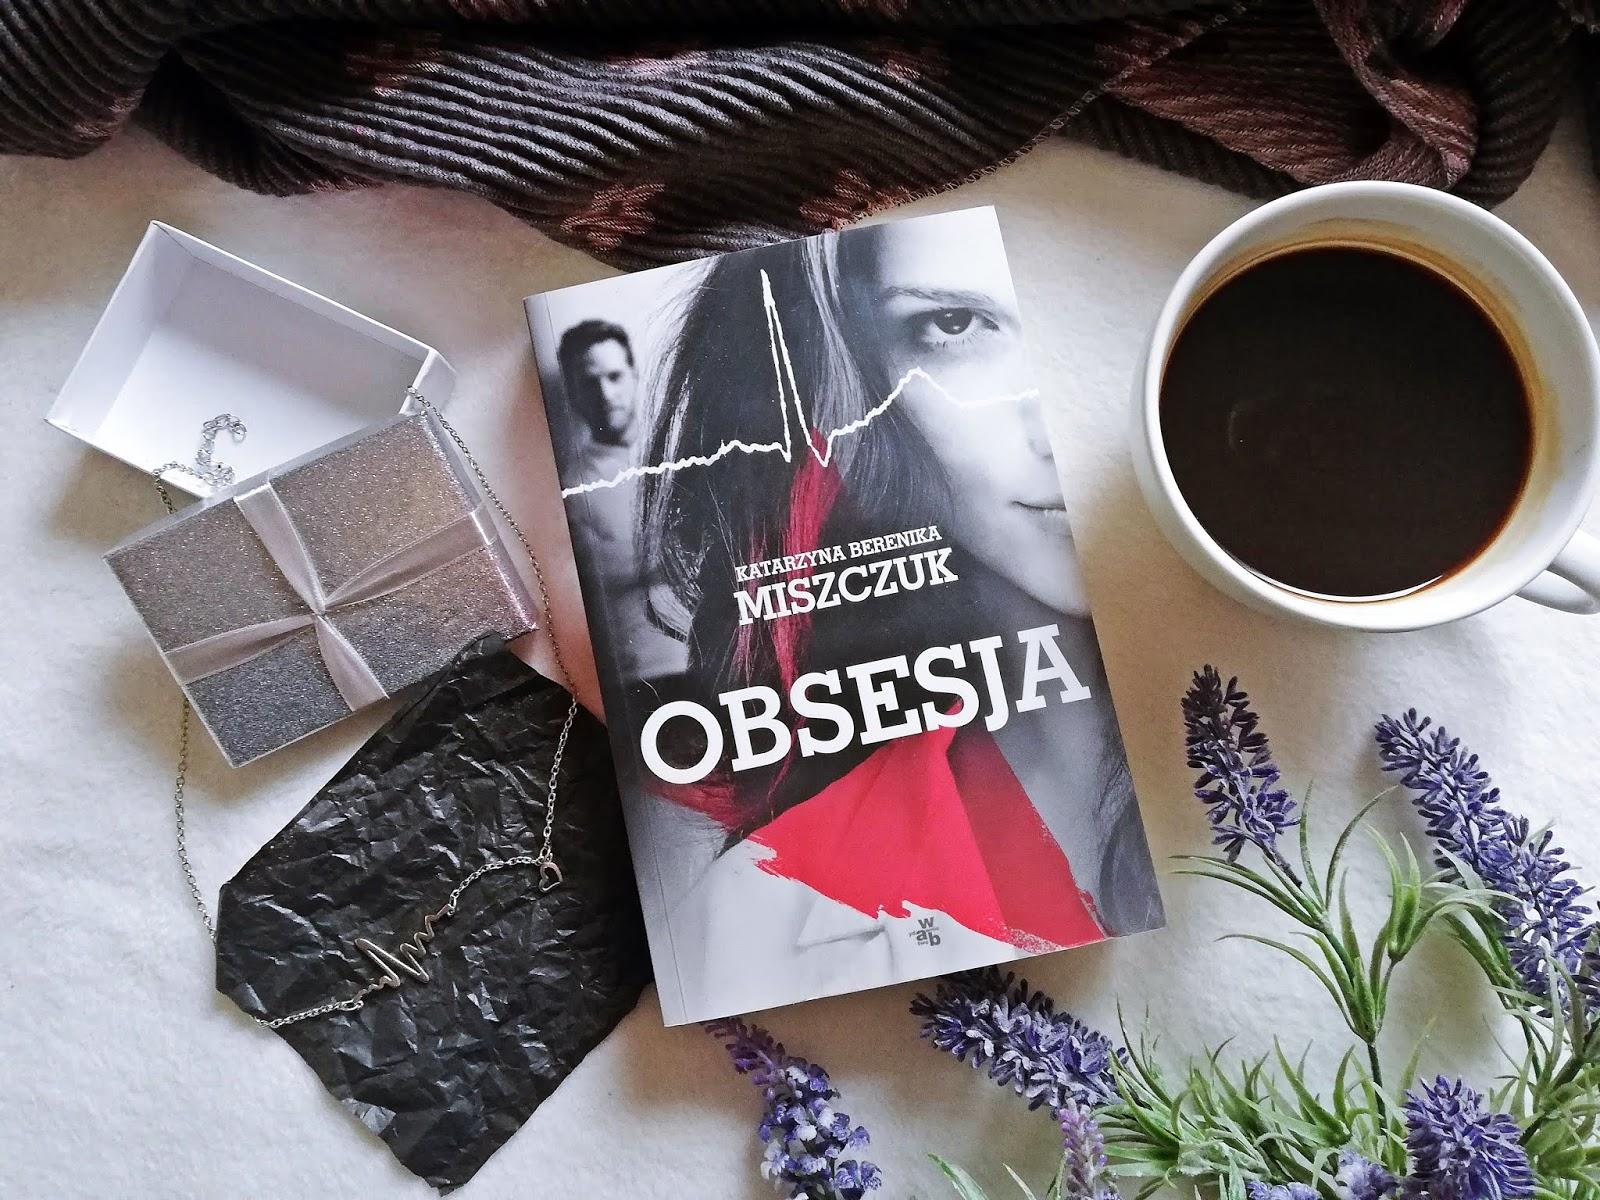 """Jak wygląda """"Obsesja"""" Katarzyna Berenika Miszczuk"""